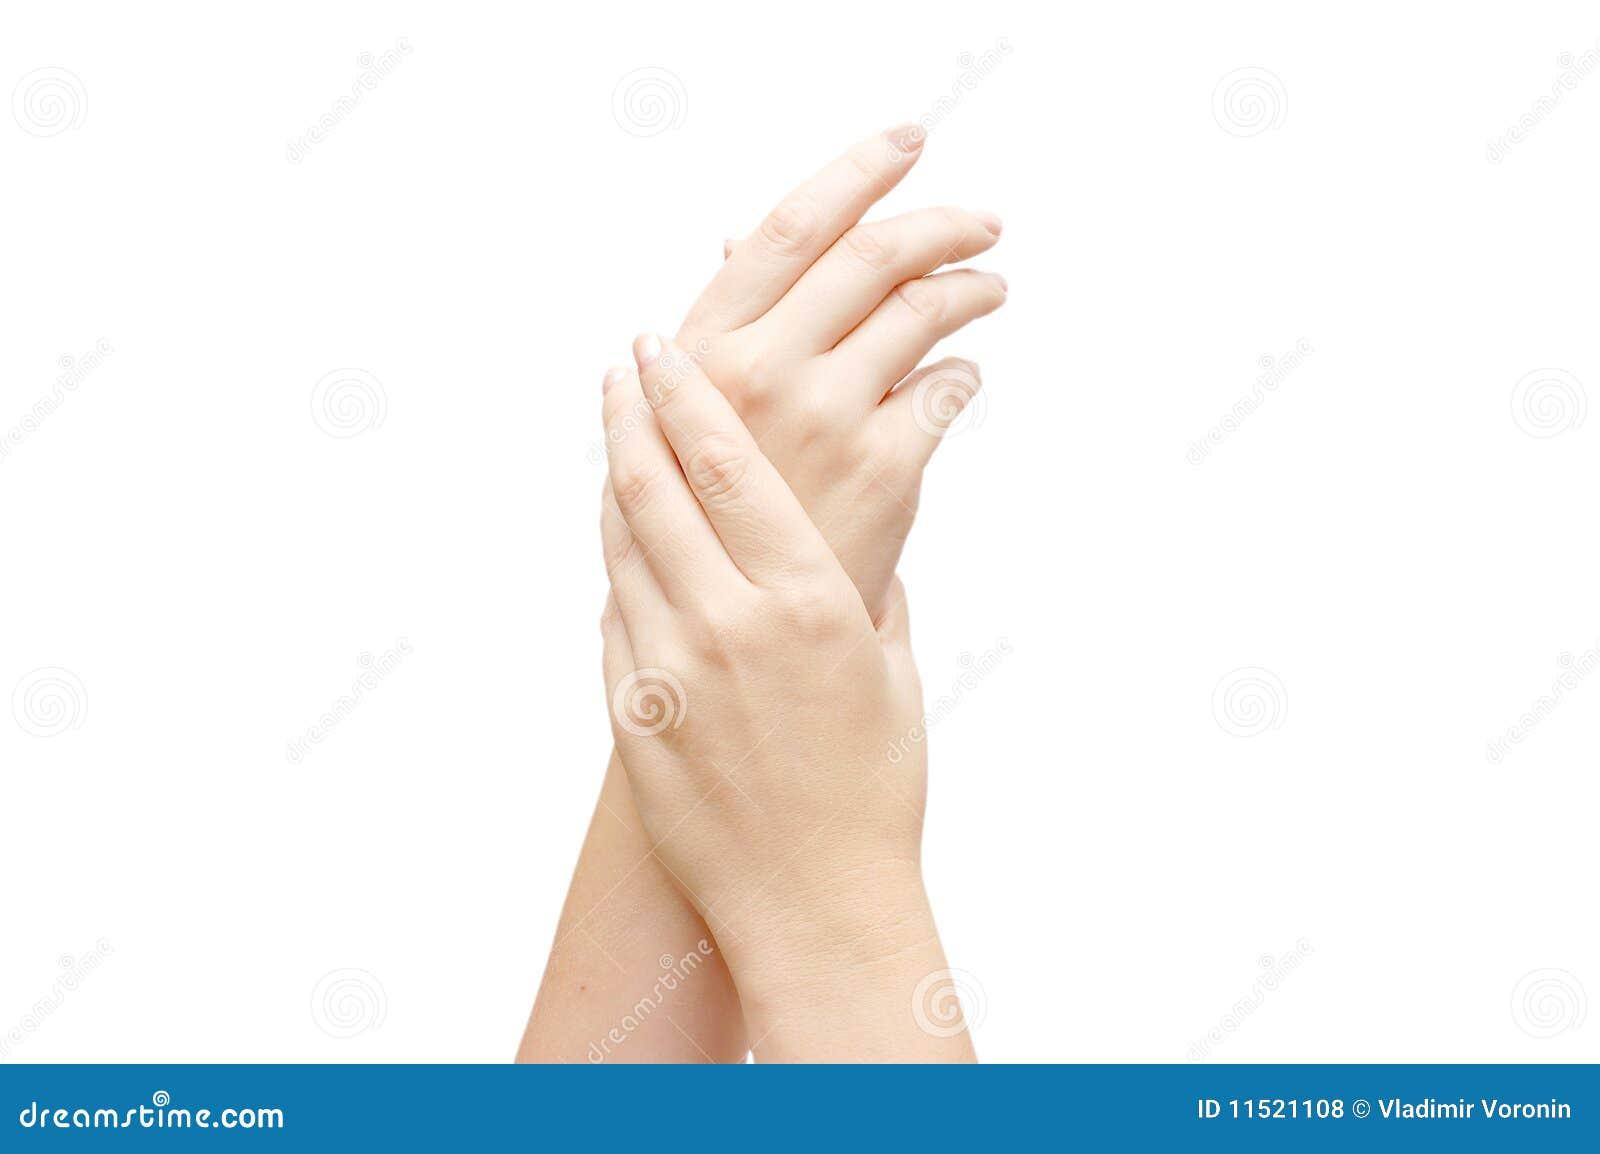 μασάζ χεριών κρέμας